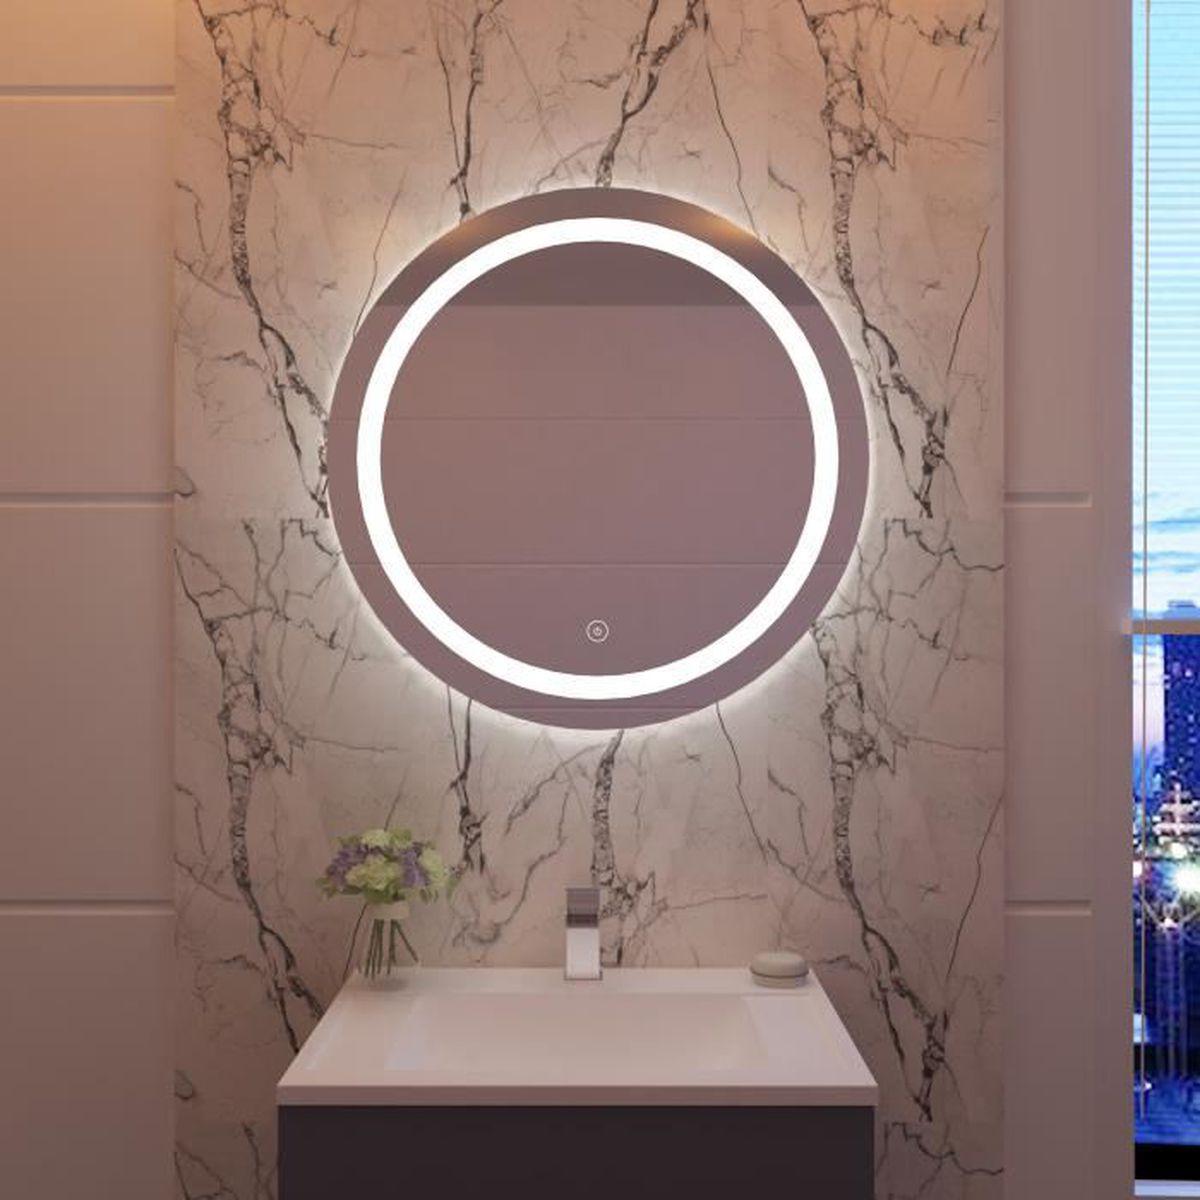 20x20cm rond miroir de salle de bains avec contrôle par capteur,  anti-poussière anti-buée, lumière blanche froide